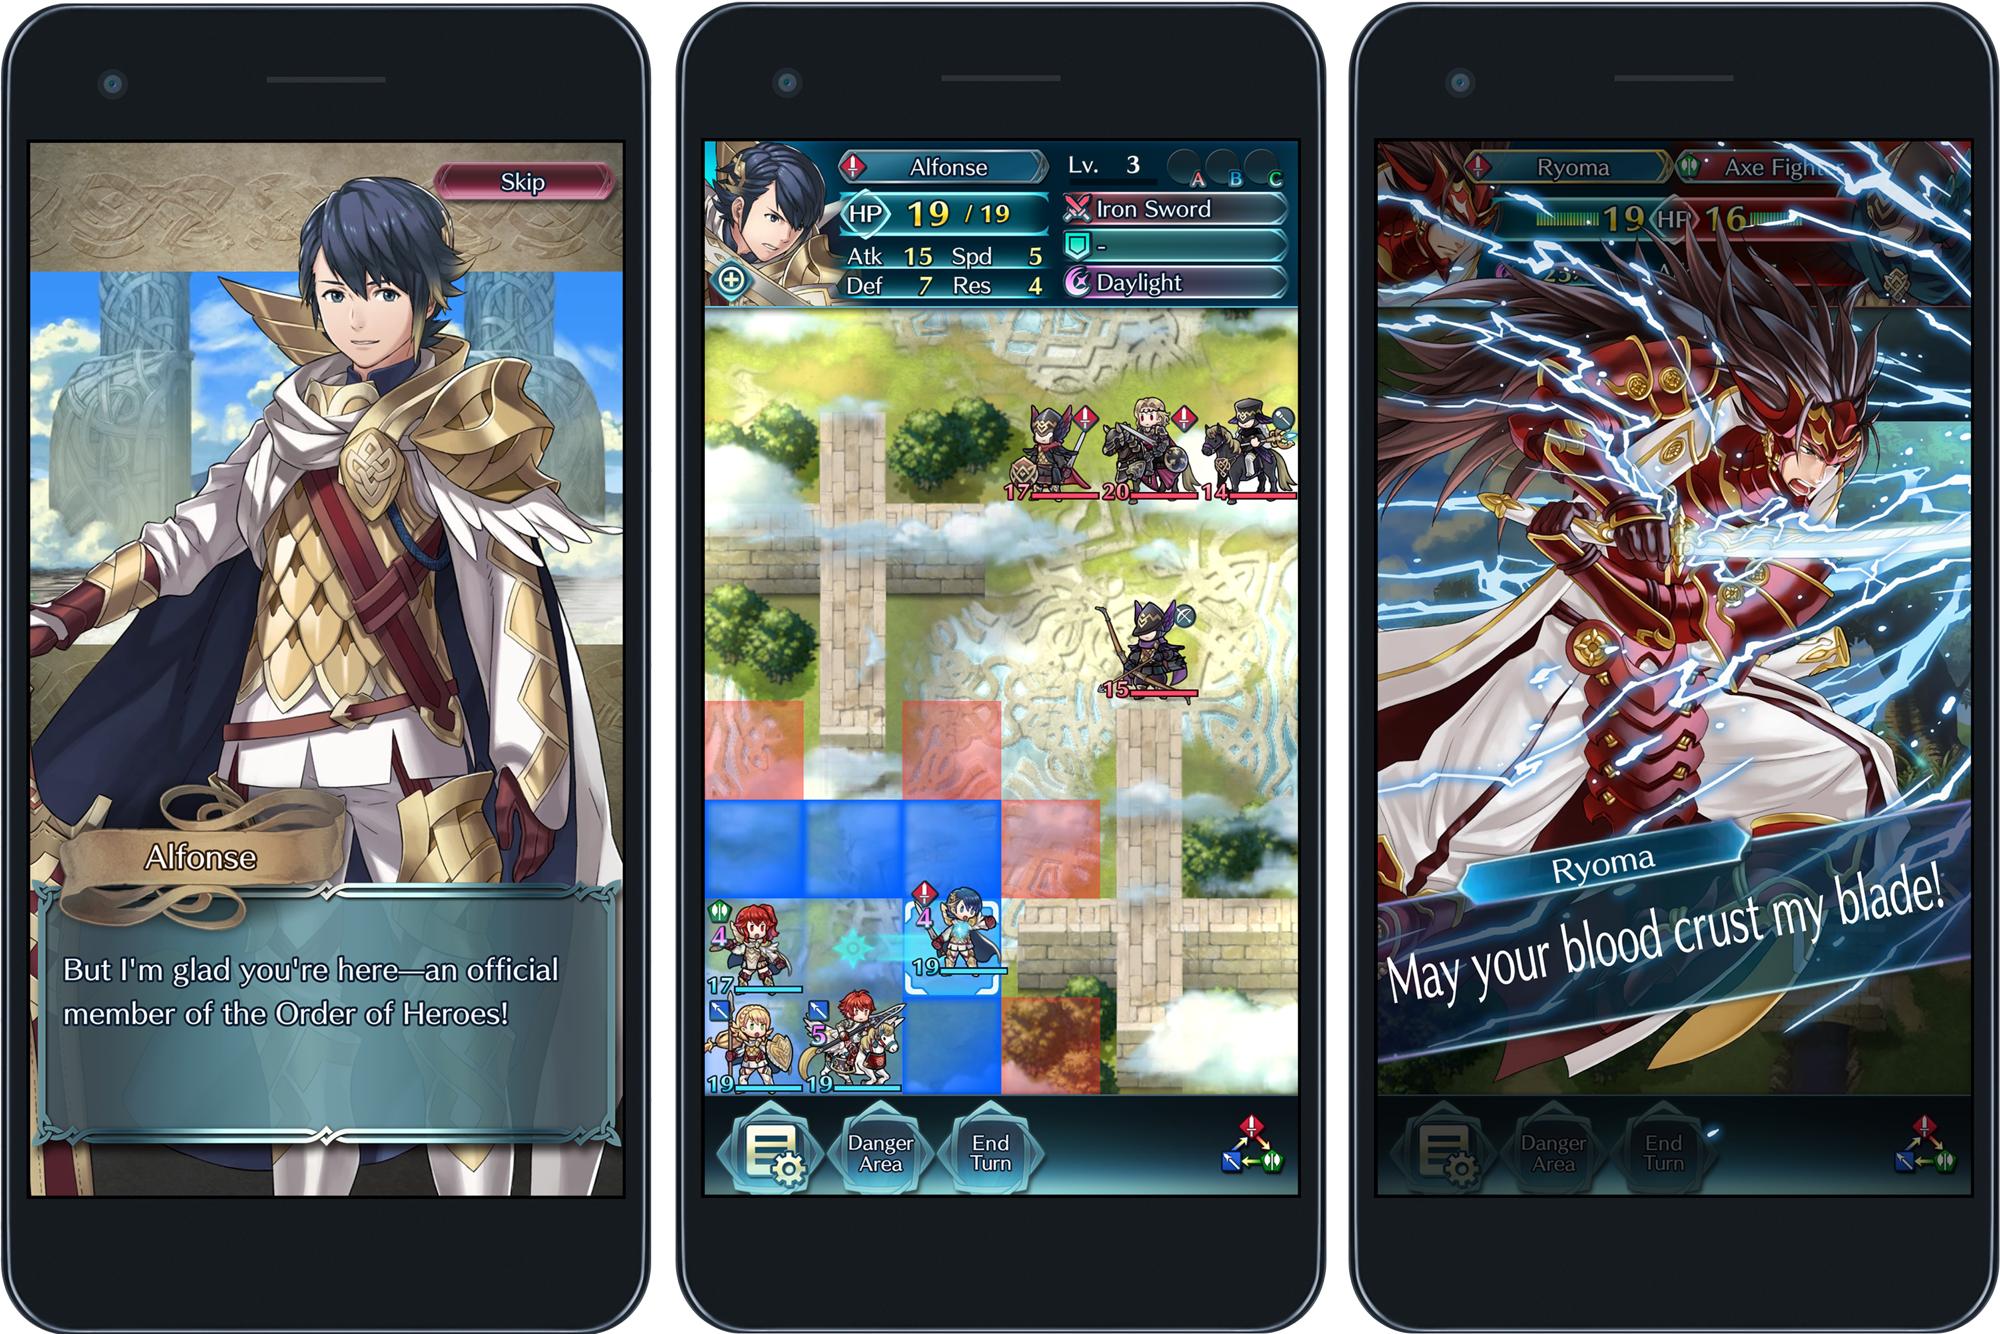 fire-emblem-screens-001